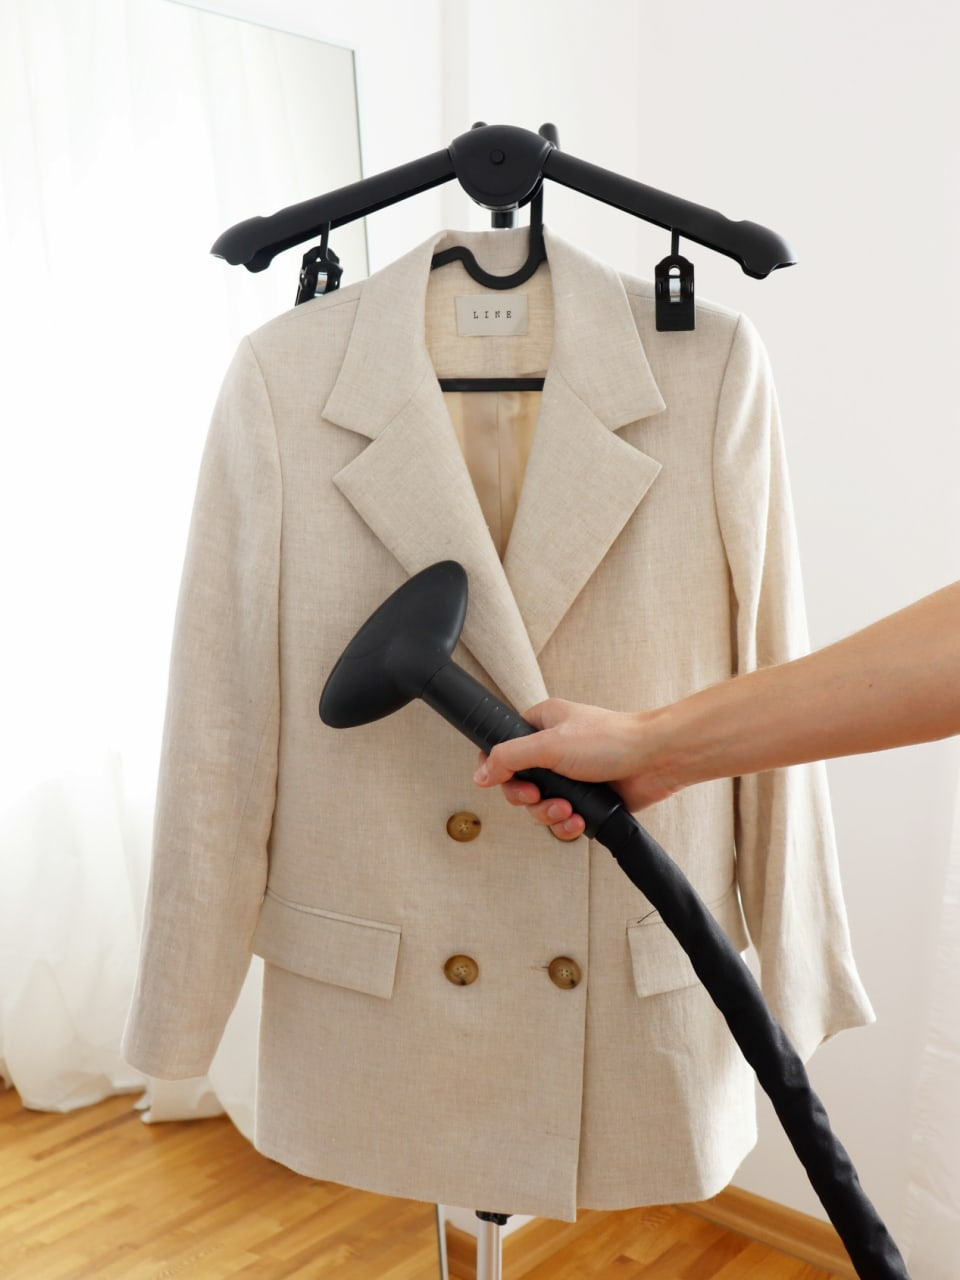 dezynfekowanie-ubran-w-sklepach-2020-3-768x1024